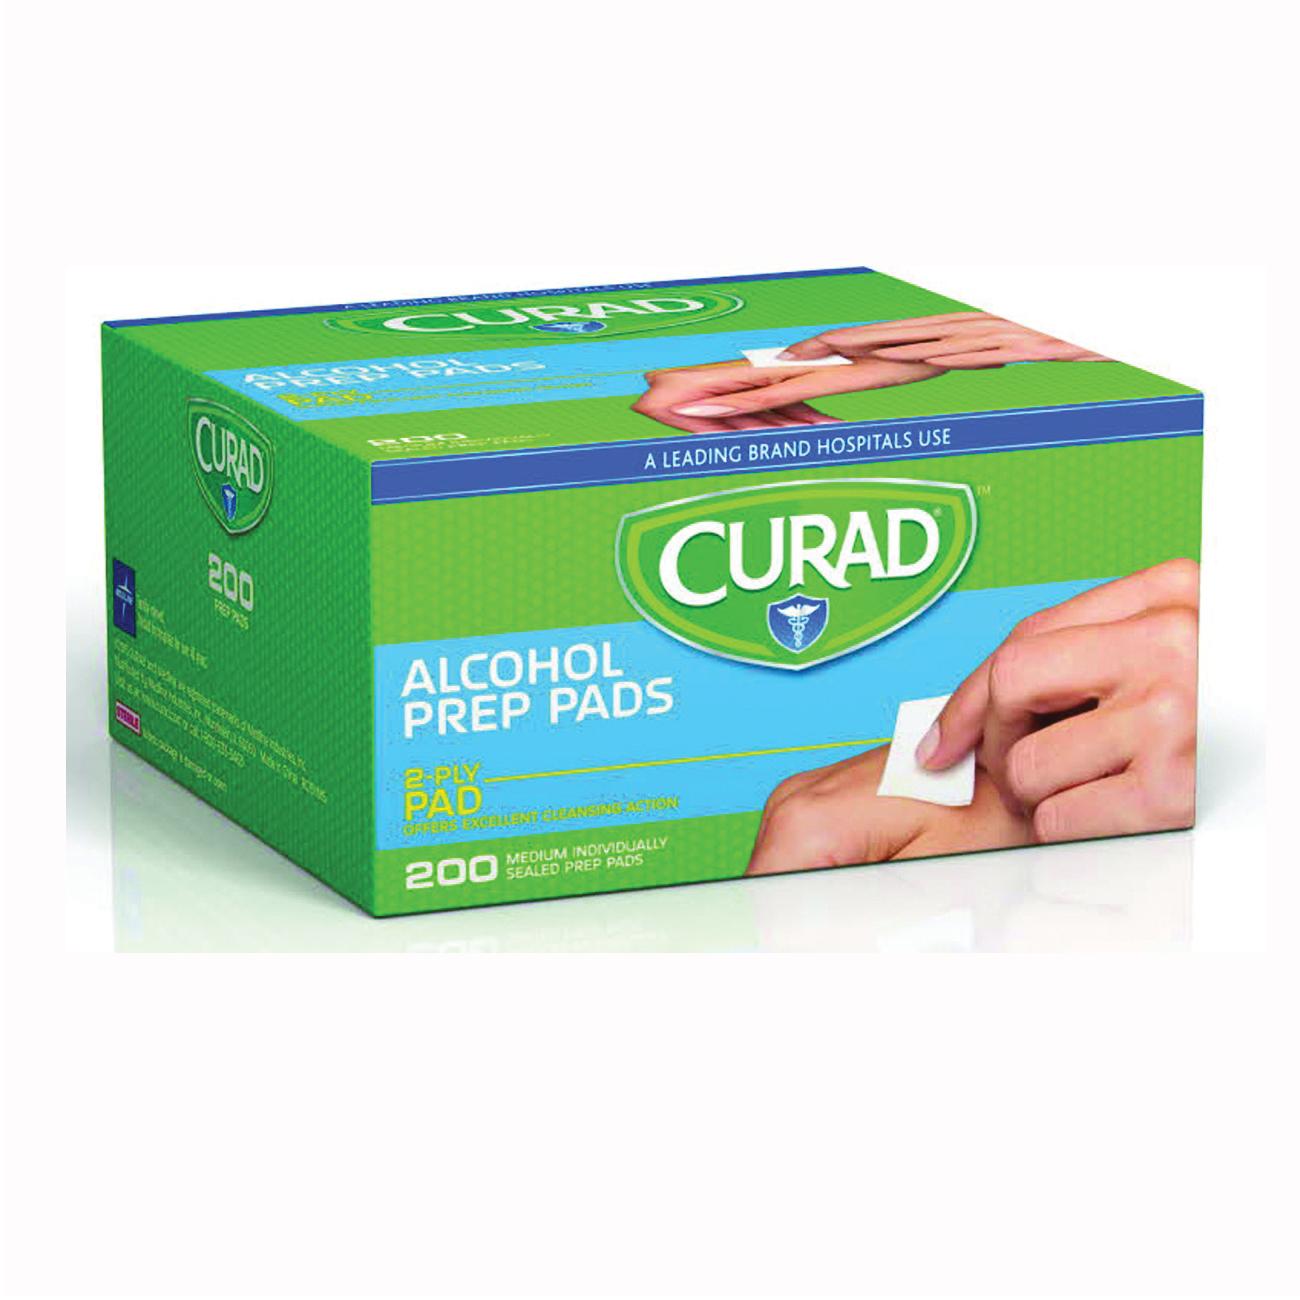 CURAD CUR45581RB